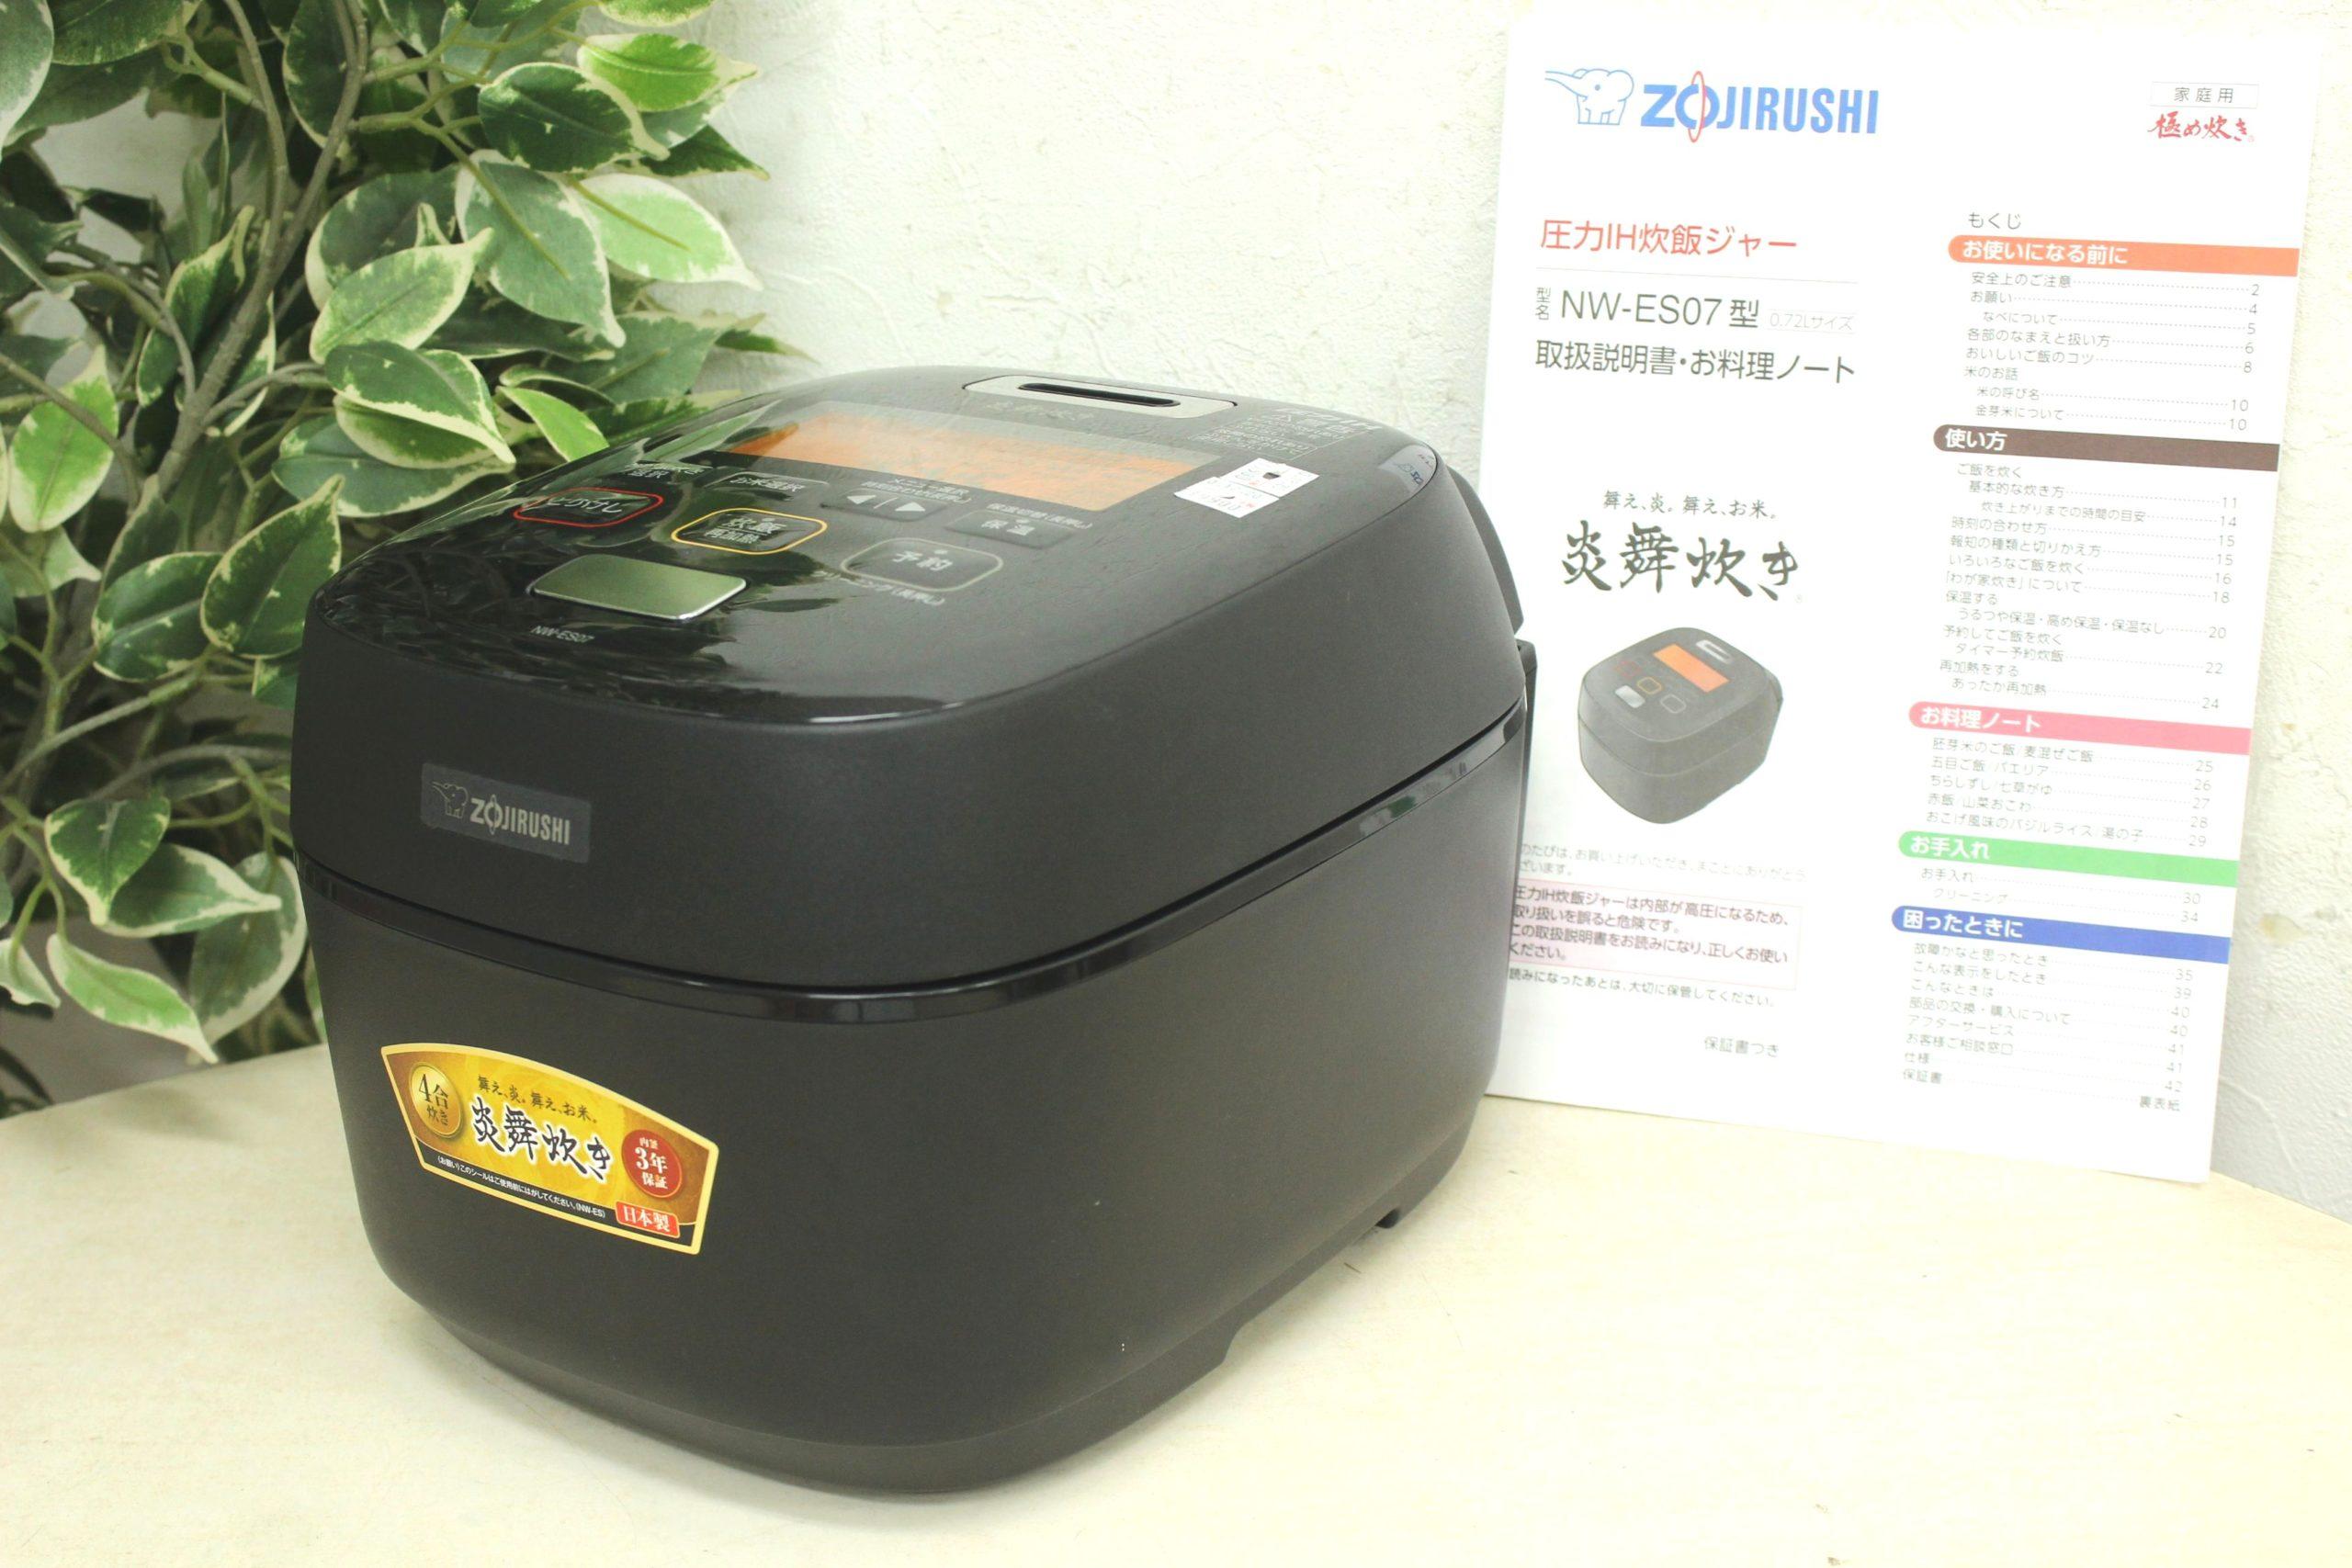 (福岡市城南区) ZOJIRUSHI 炎舞炊き NW-ES07-BZ 4合炊 高級家電 ハイスペック家電 高価買取♪の買取-